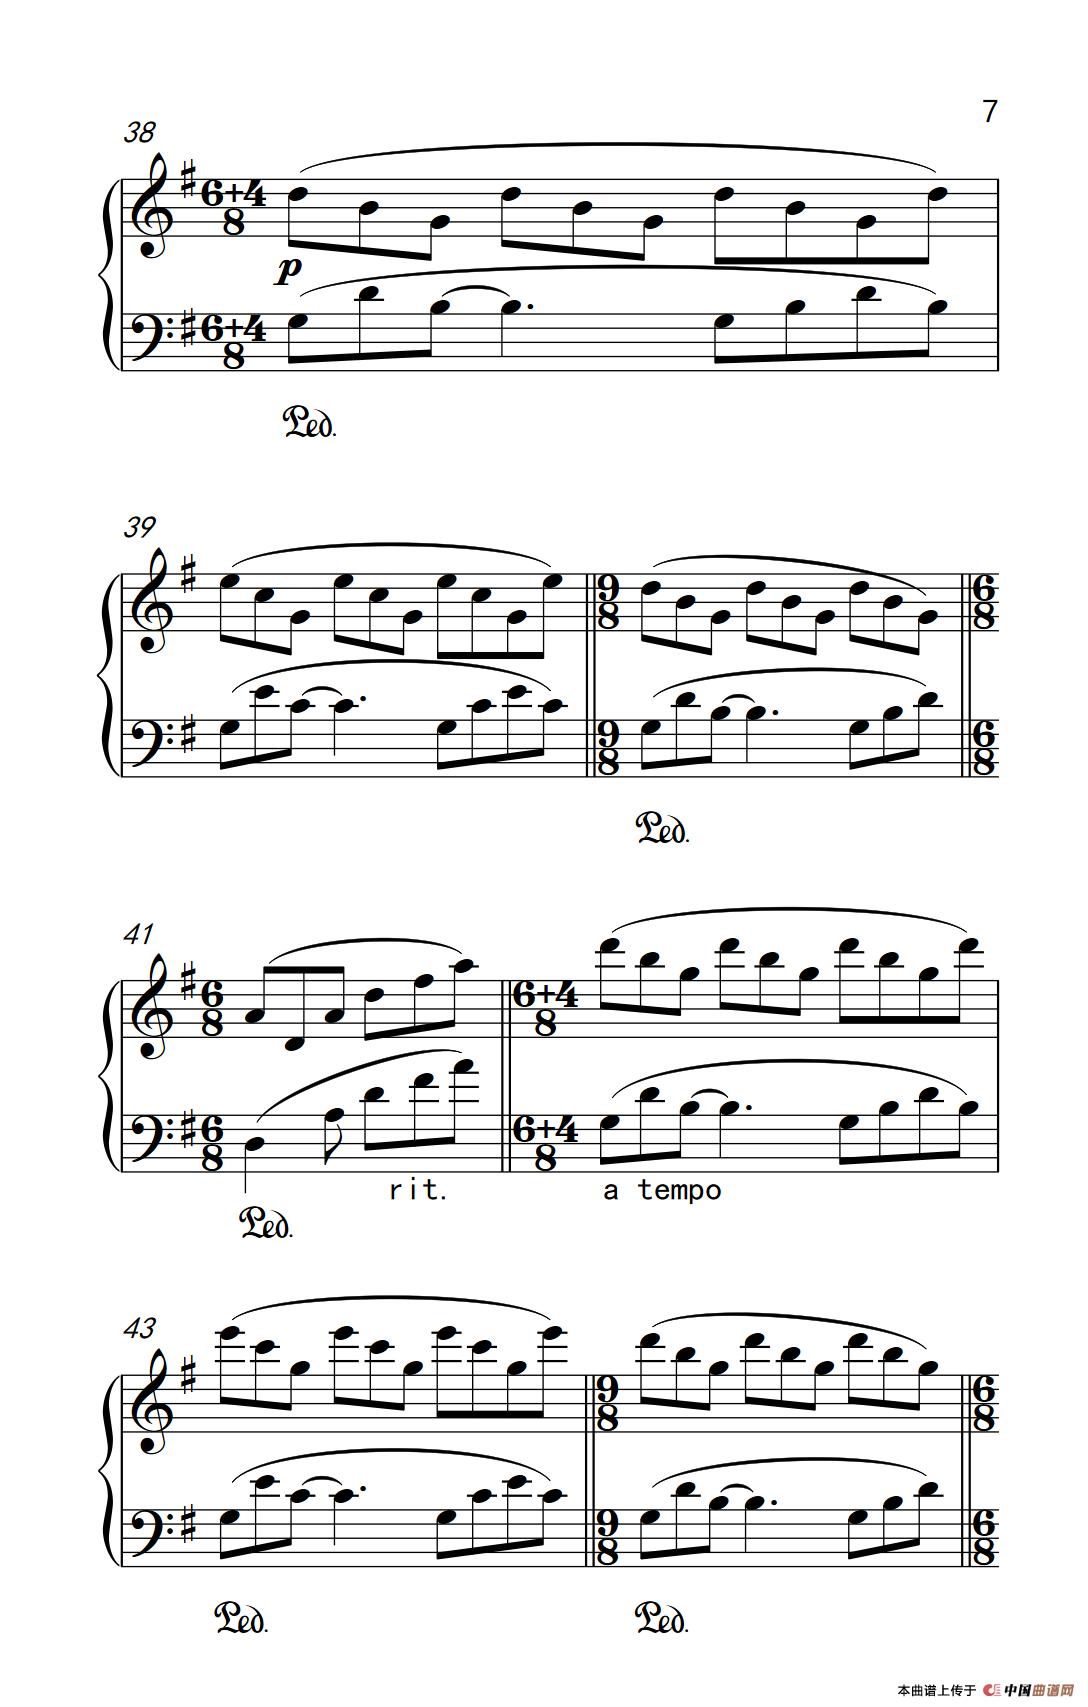 童年的回忆钢琴谱(老年大学 钢琴教程 3)_器乐乐谱